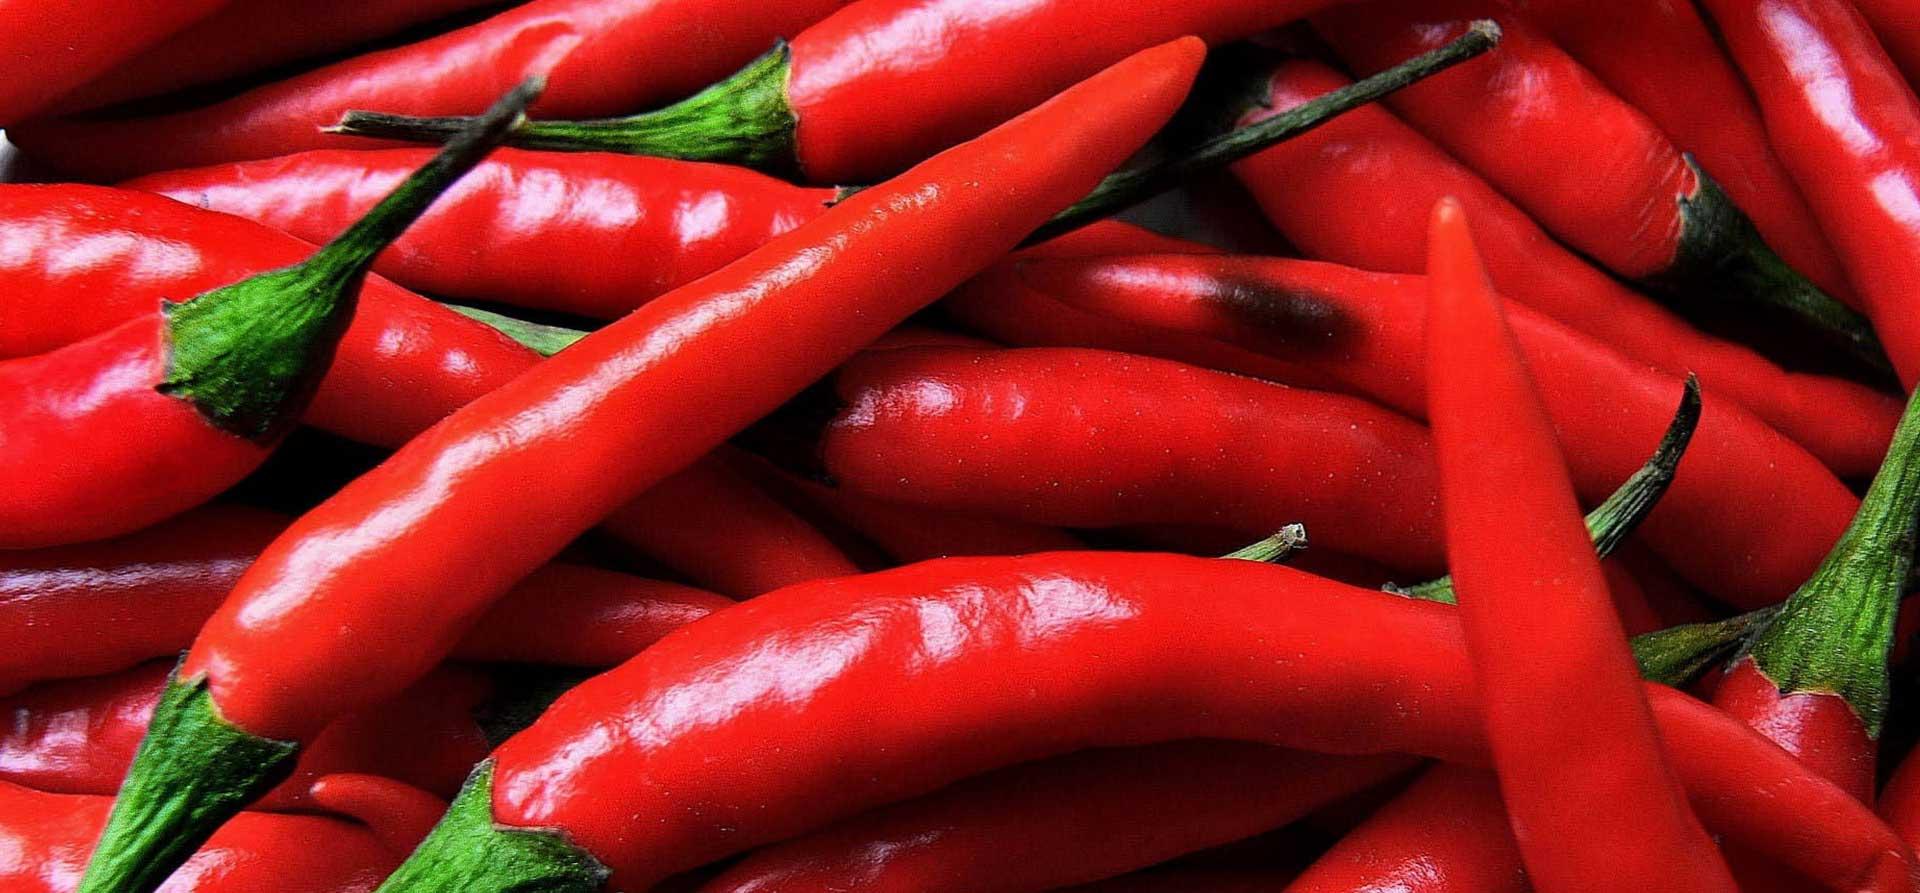 Peperoncino azienda agricola gandolfo filippone - Peperoncino pianta perenne ...